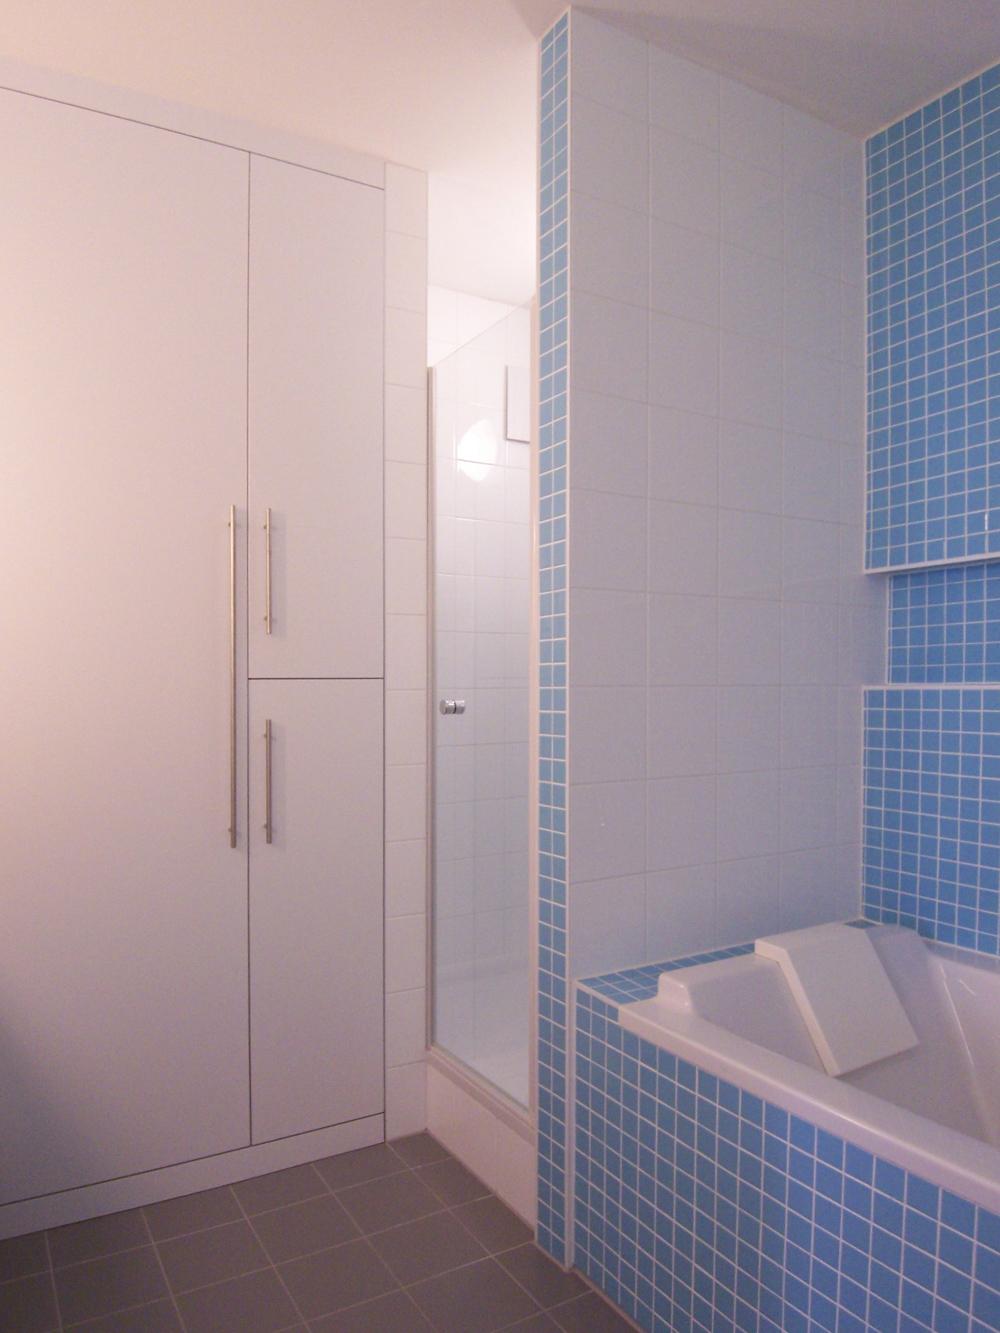 Bild des Bades mit integriertem Möbeldesign (Stauraum-Schränken & Badewanne) von einem Einfamilienhaus das von Architekten geplant wurde